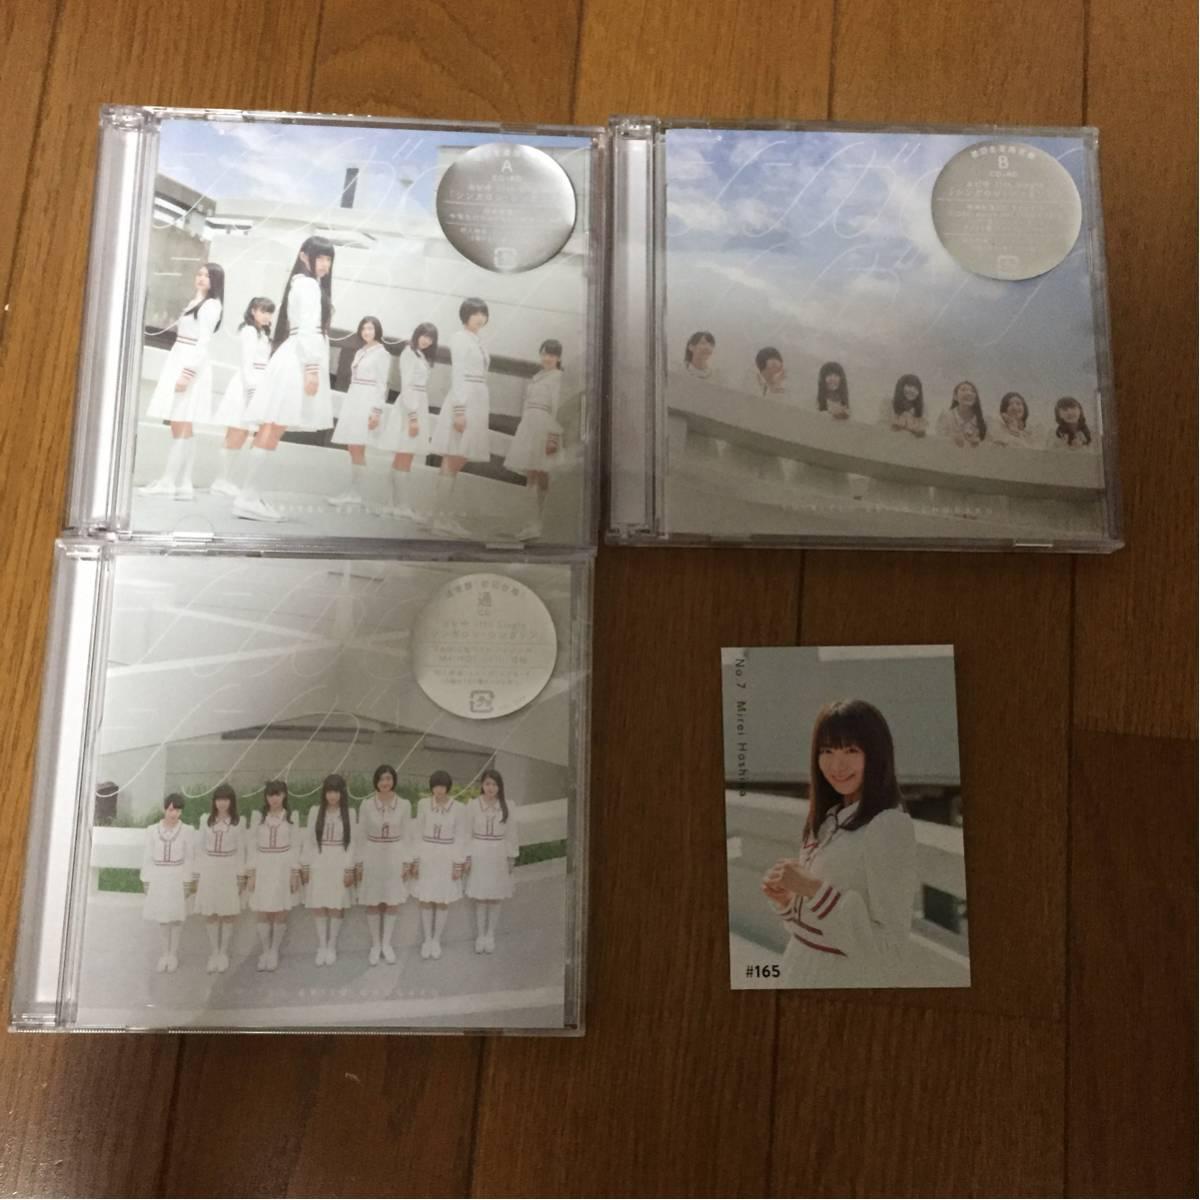 私立恵比寿中学 シンガロン・シンガソン トレカ 星名美怜 CD3枚セット 開封済み未視聴 ライブグッズの画像